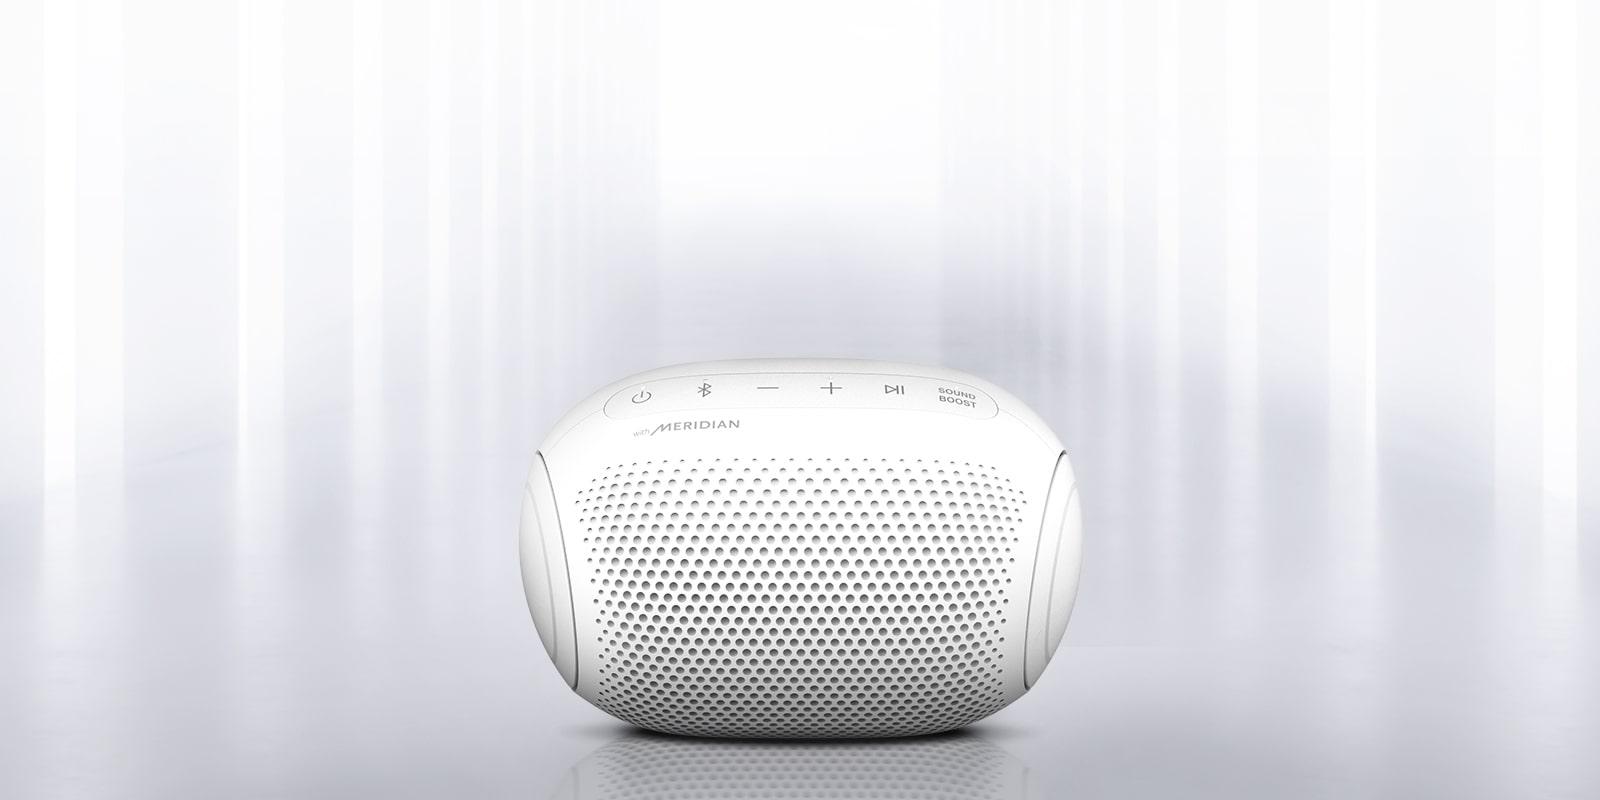 Vidljivo je svjetlo koje sjaji iz okruženja i s prednje strane zvučnika XBOOM Go na svakom kraju.